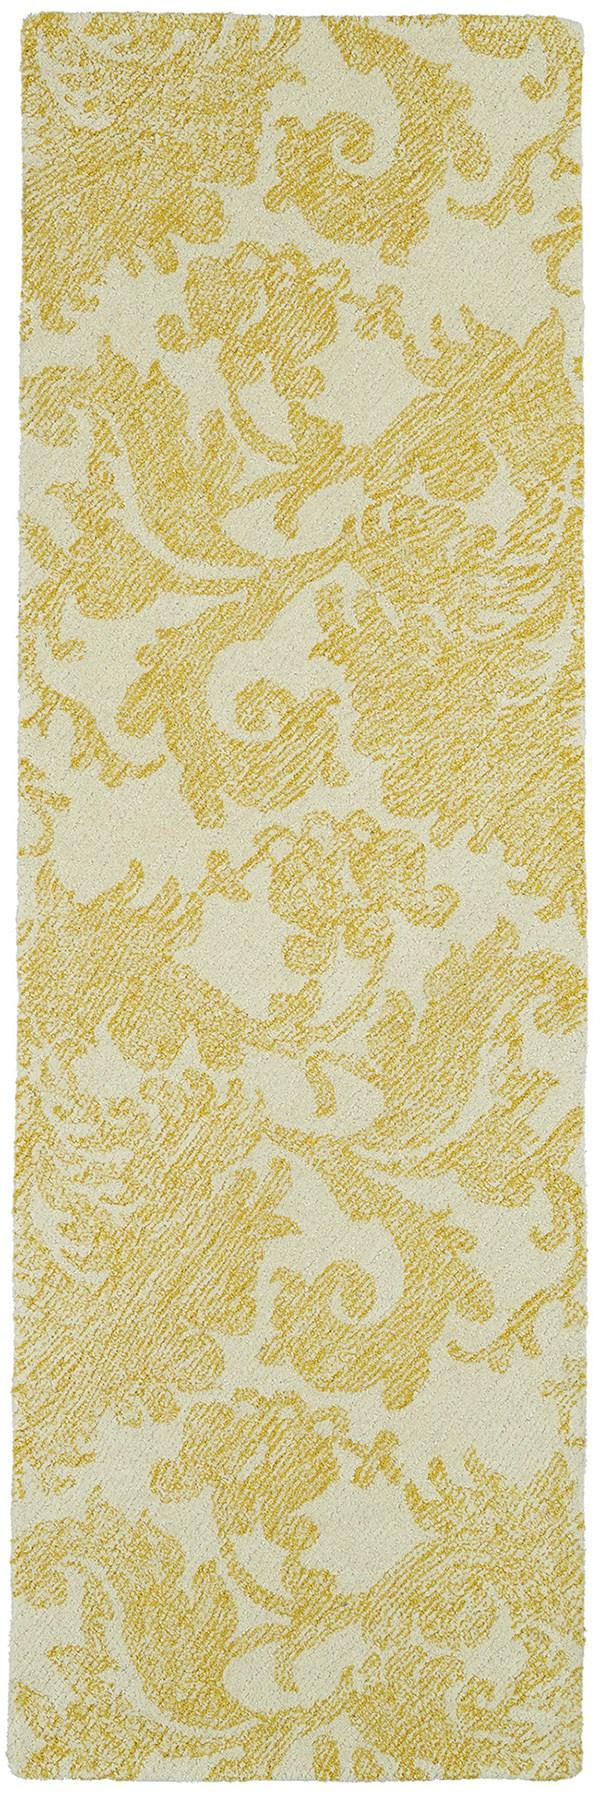 Ivory, Gold (05) Damask Area Rug